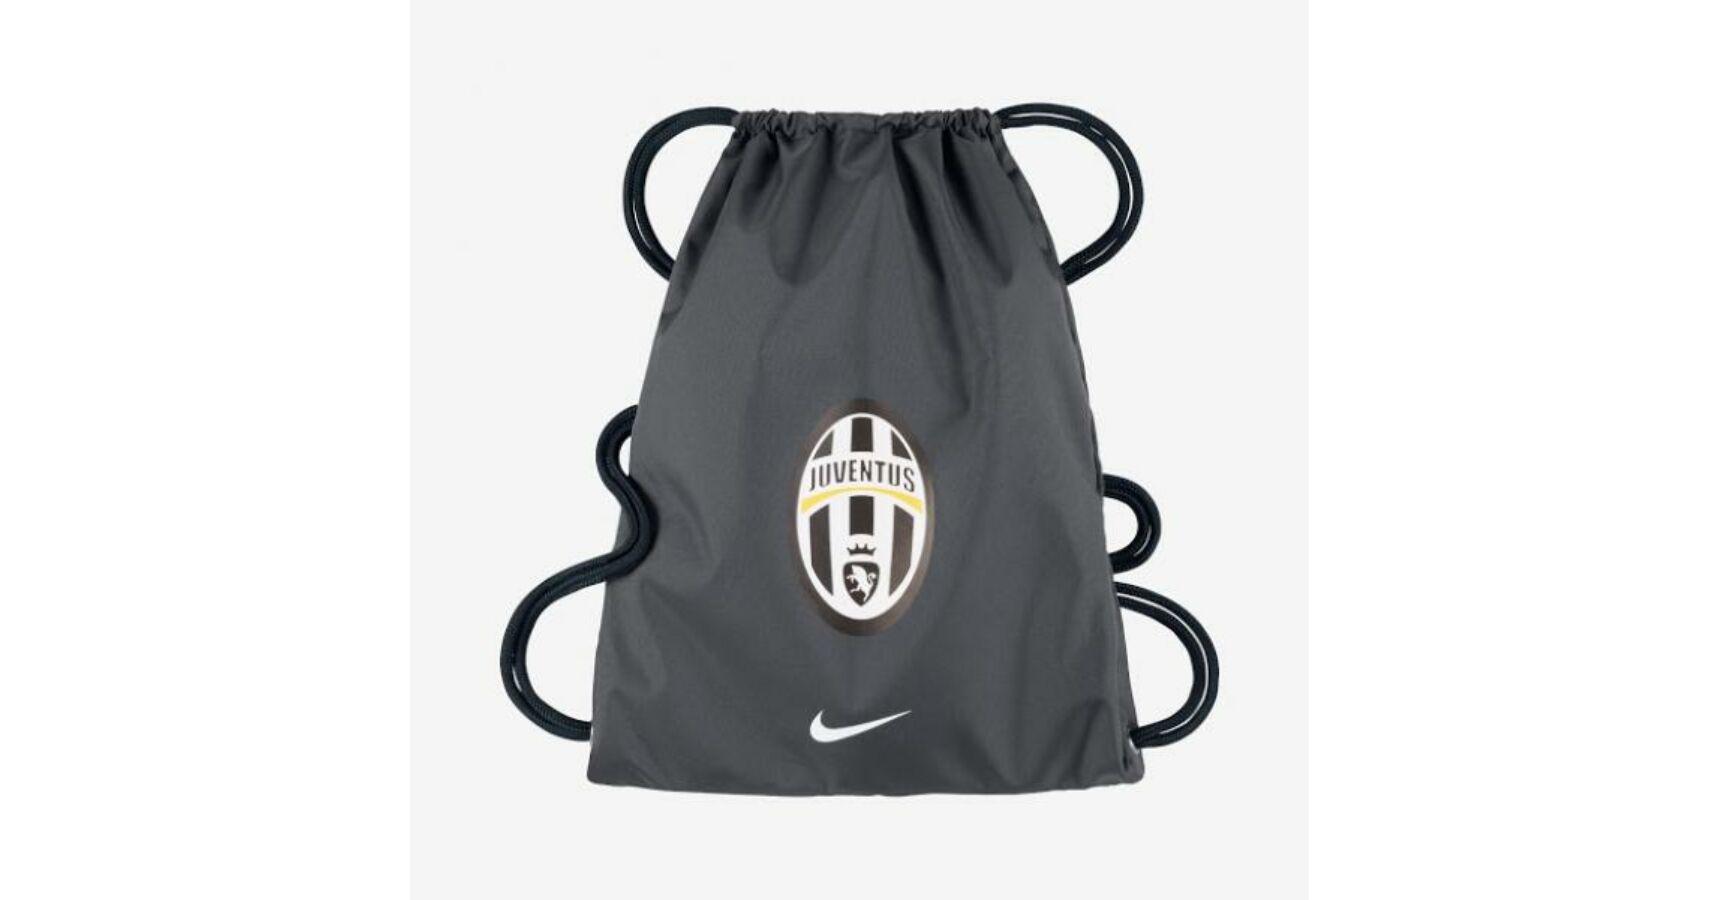 4379c9b82b5f Nike Tornazsák BA4800 061 JUVENTUS GYMSACK - Sporttáska - Etáska - minőségi  táska webáruház hatalmas választékkal